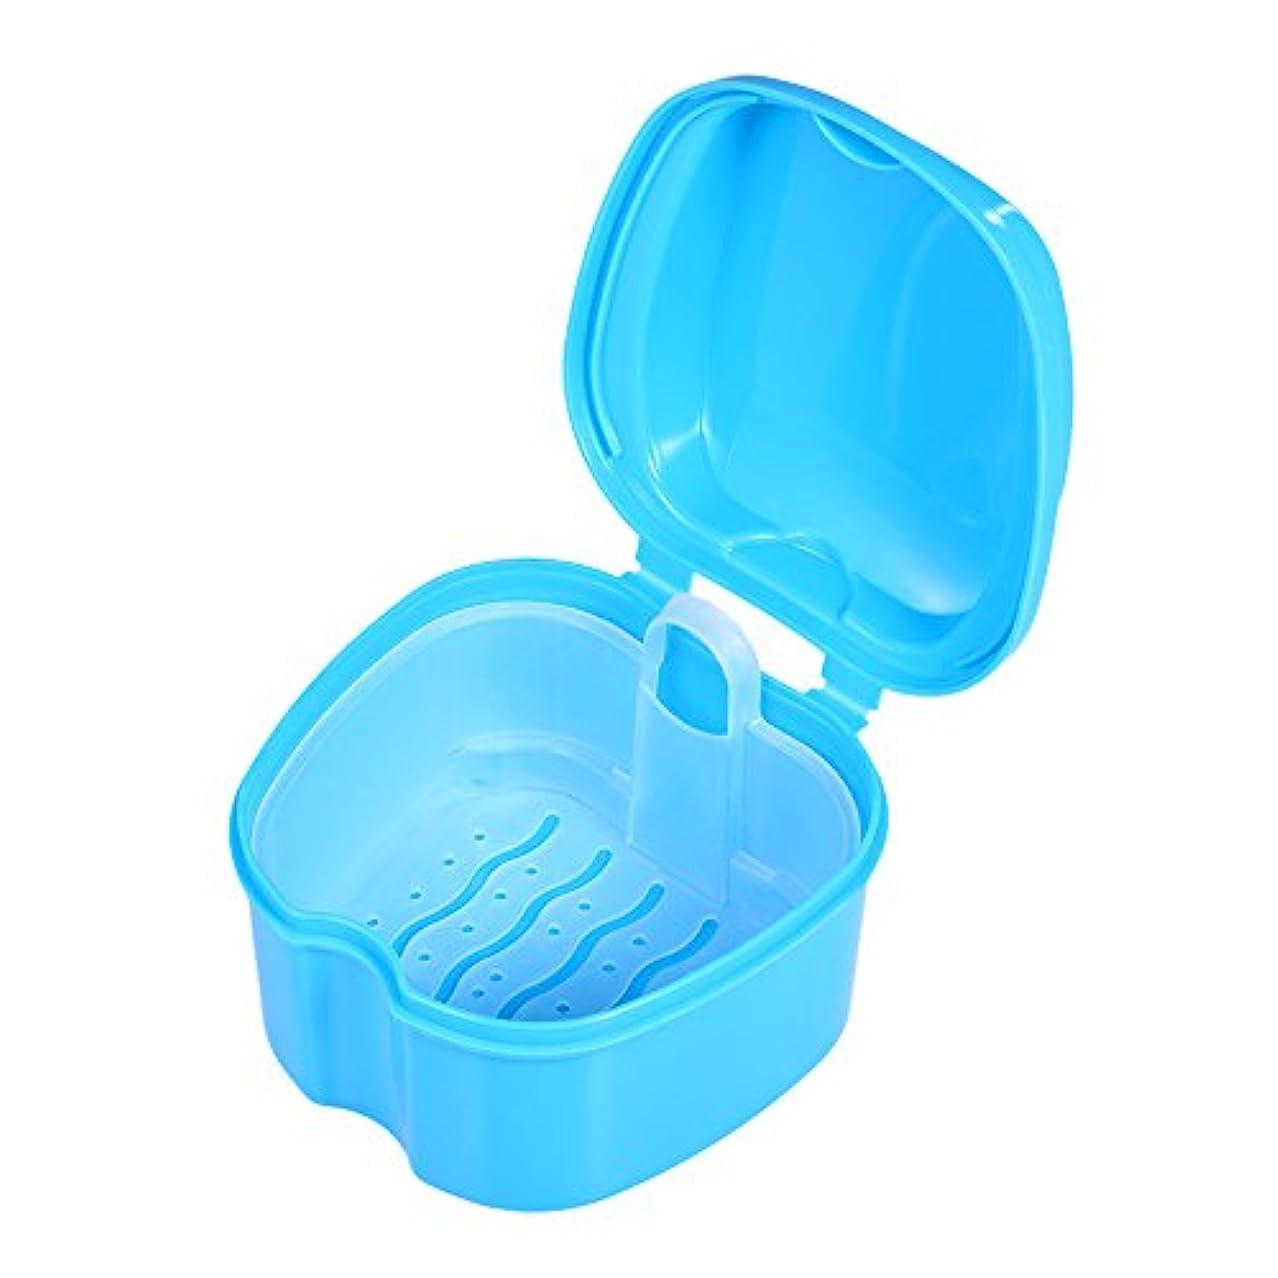 スマッシュ鏡ガラガラDecdeal 歯のボックスケース 偽の歯のストレージボックス 歯のクリーニングコンテナ リンスバスケット リテーナーアプライアンスホルダートレイ